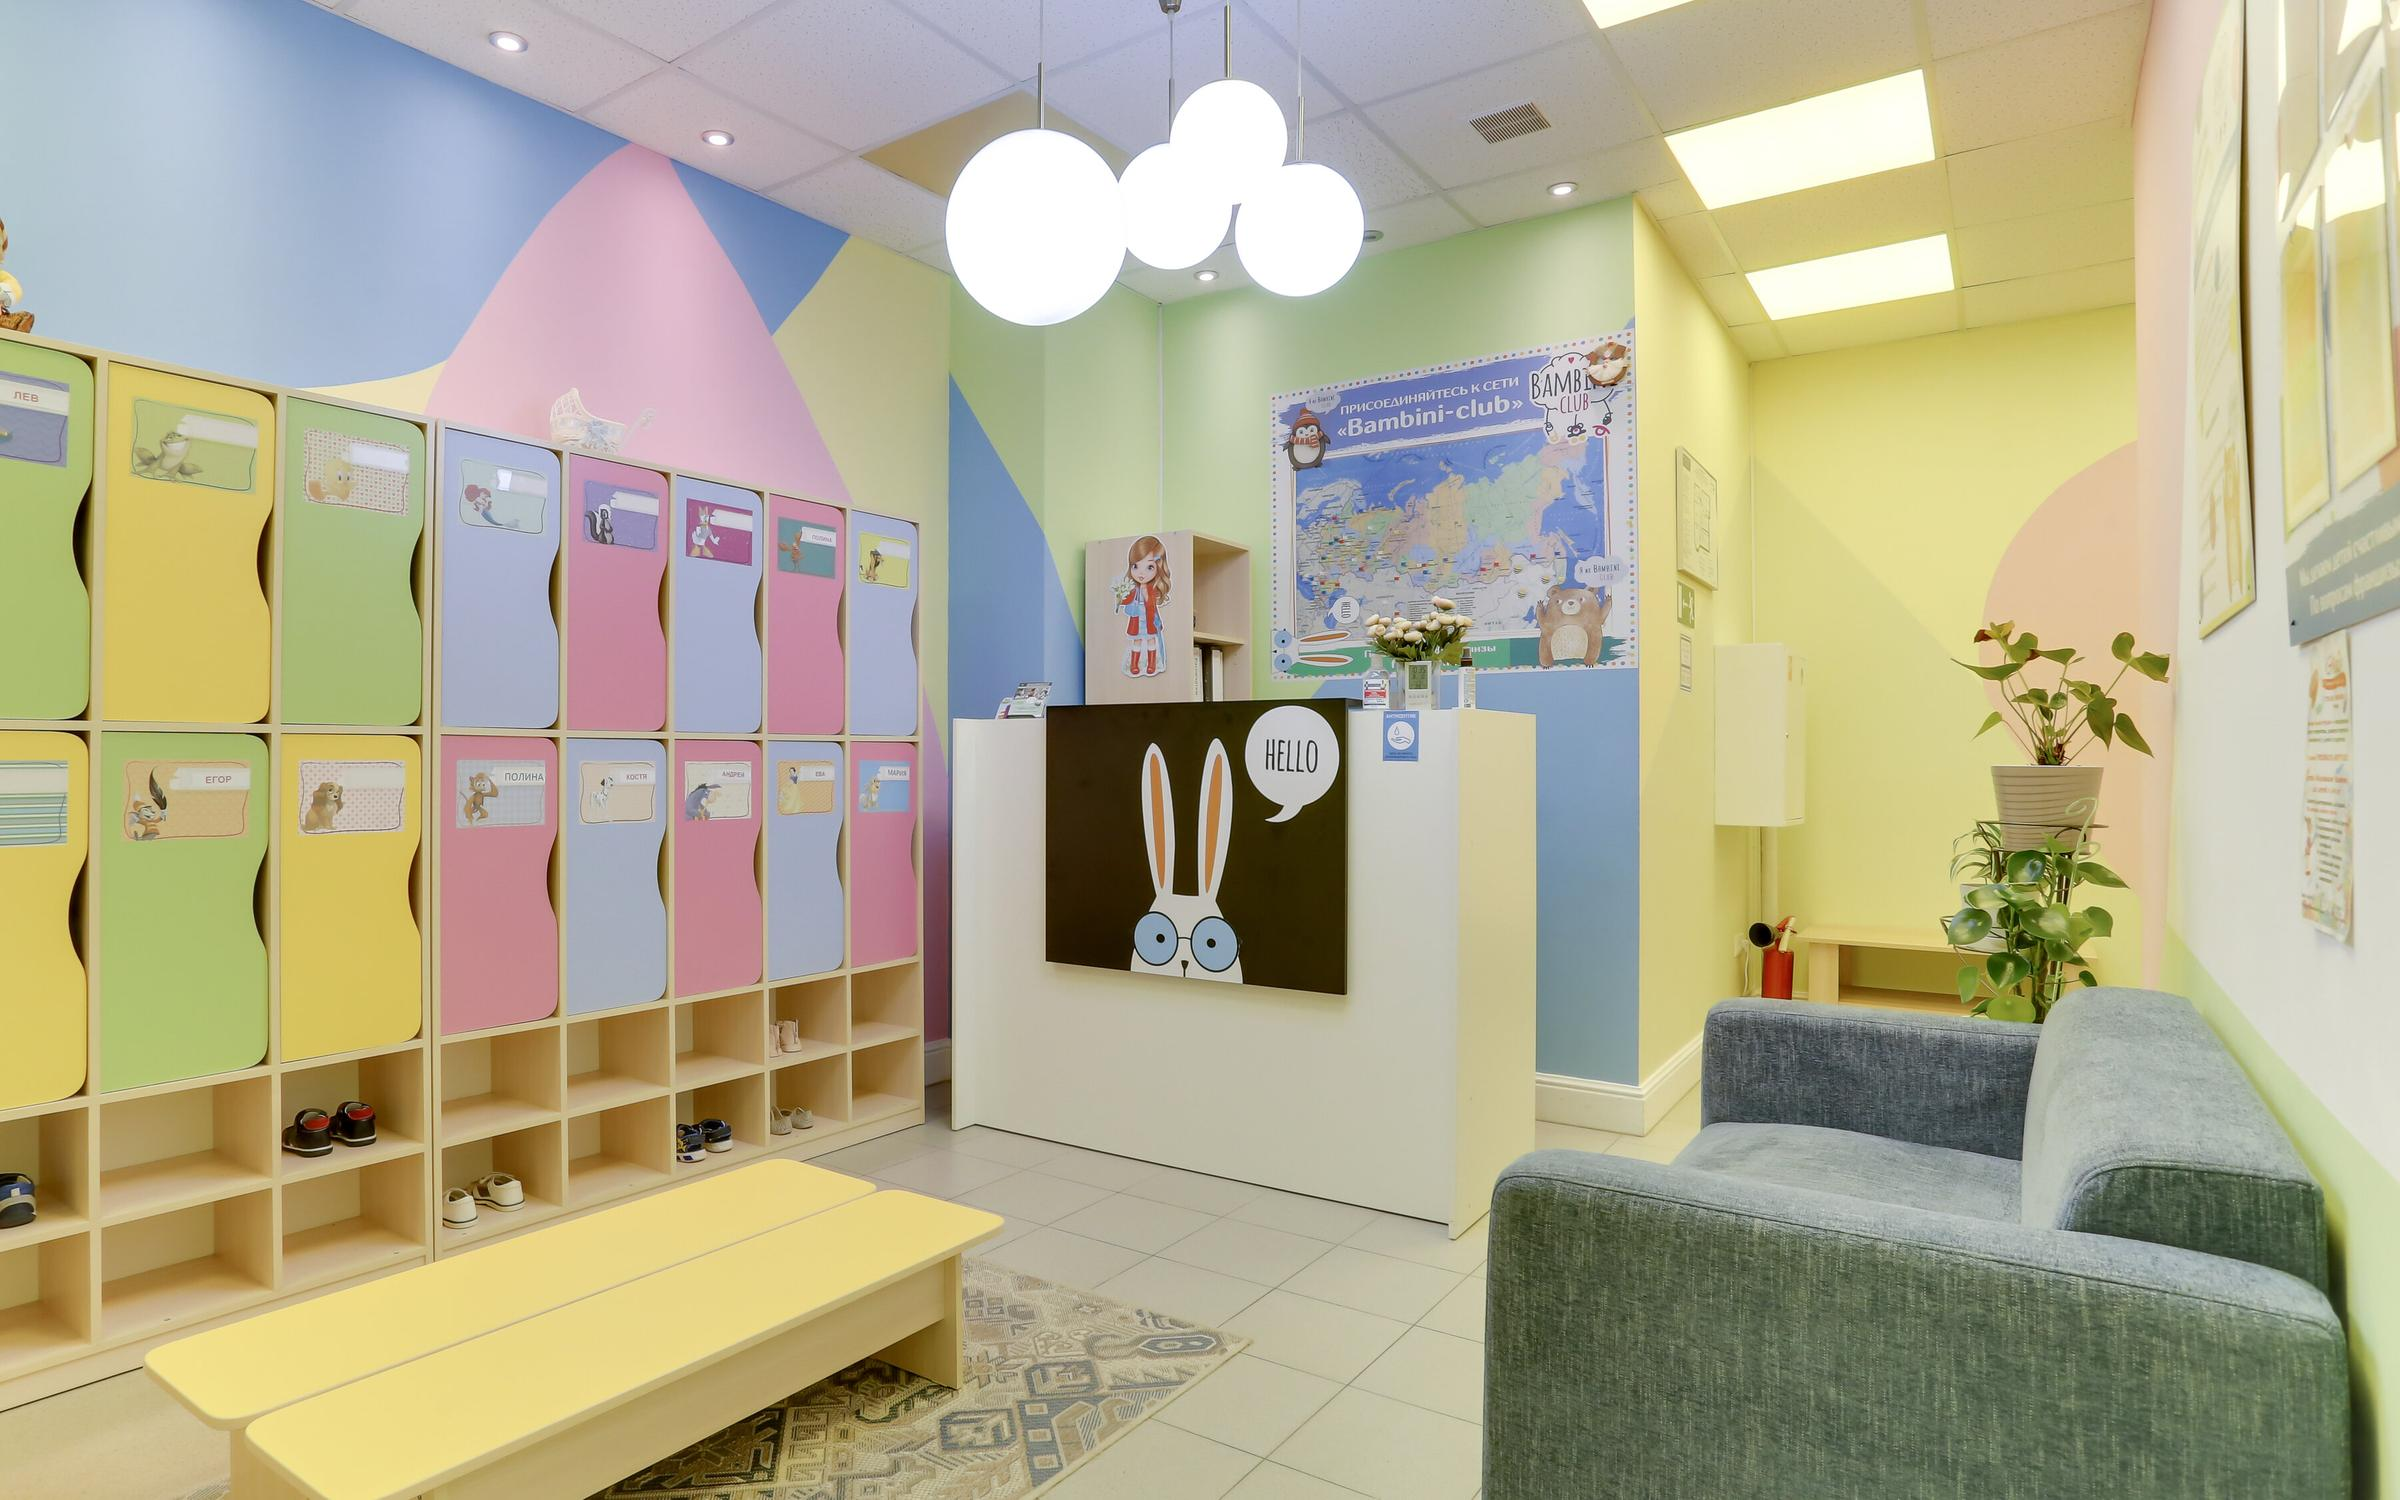 Как открыть частный детский садик с минимальными вложениями для обычного человека.